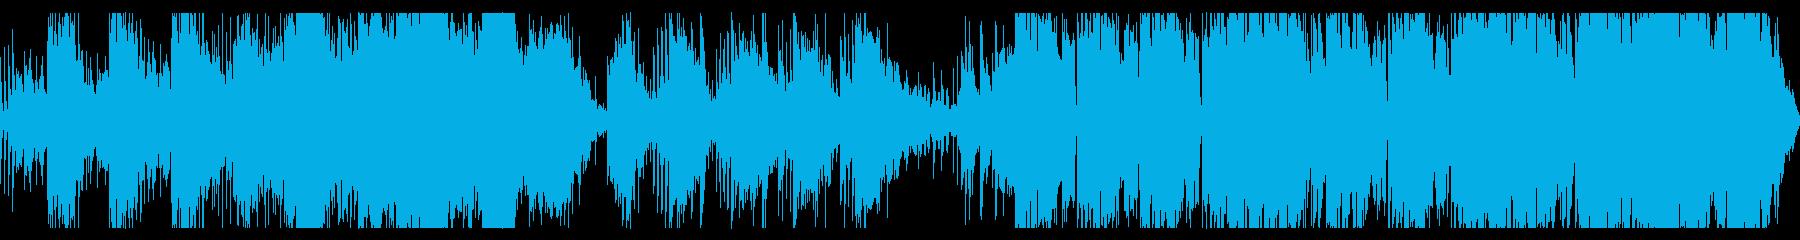 神秘的な空想科学BGMの再生済みの波形